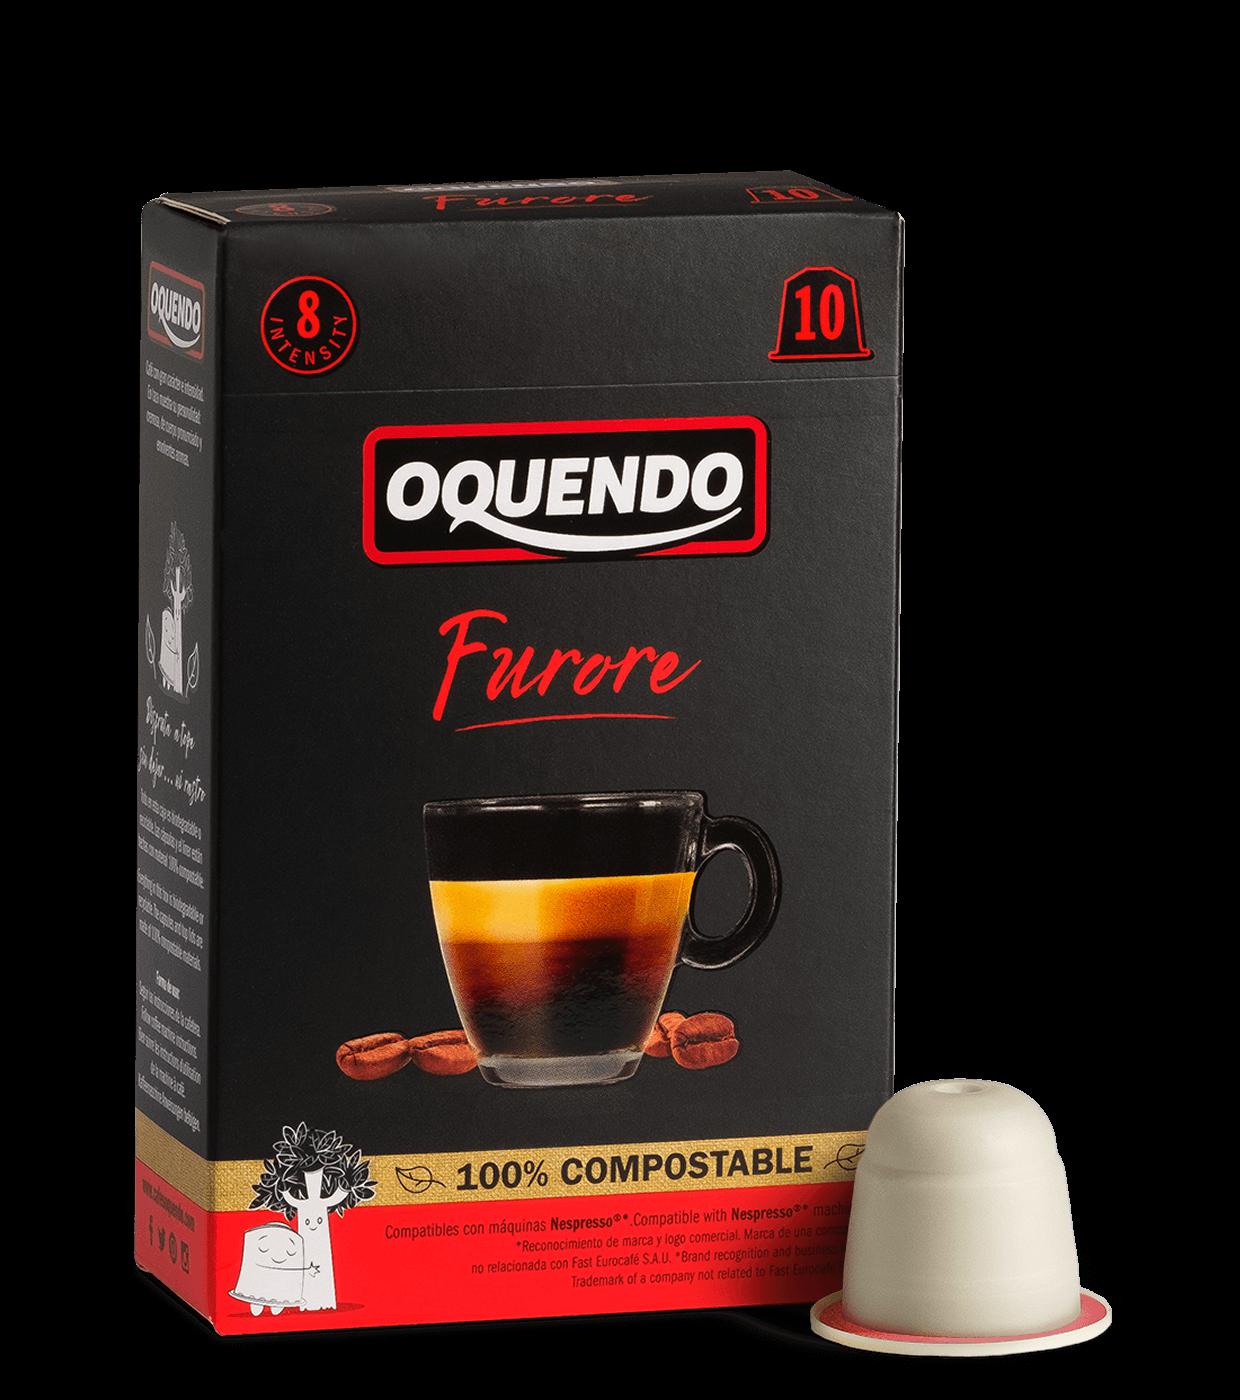 oquendo-14-nespresso-furore